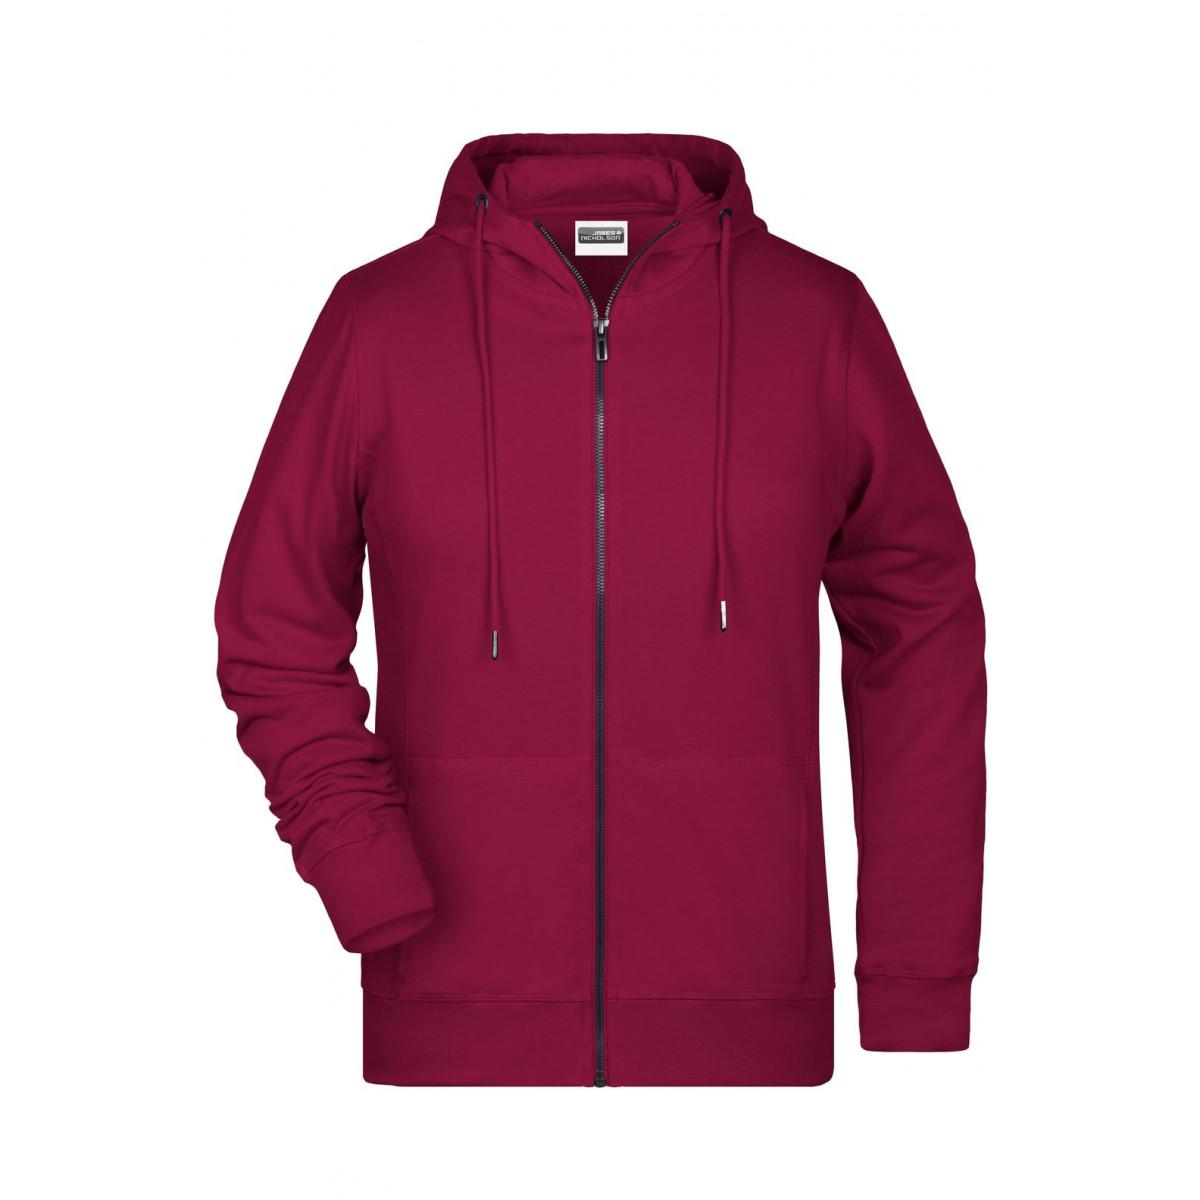 Толстовка женская 8025 Ladies Zip Hoody - Бордовый